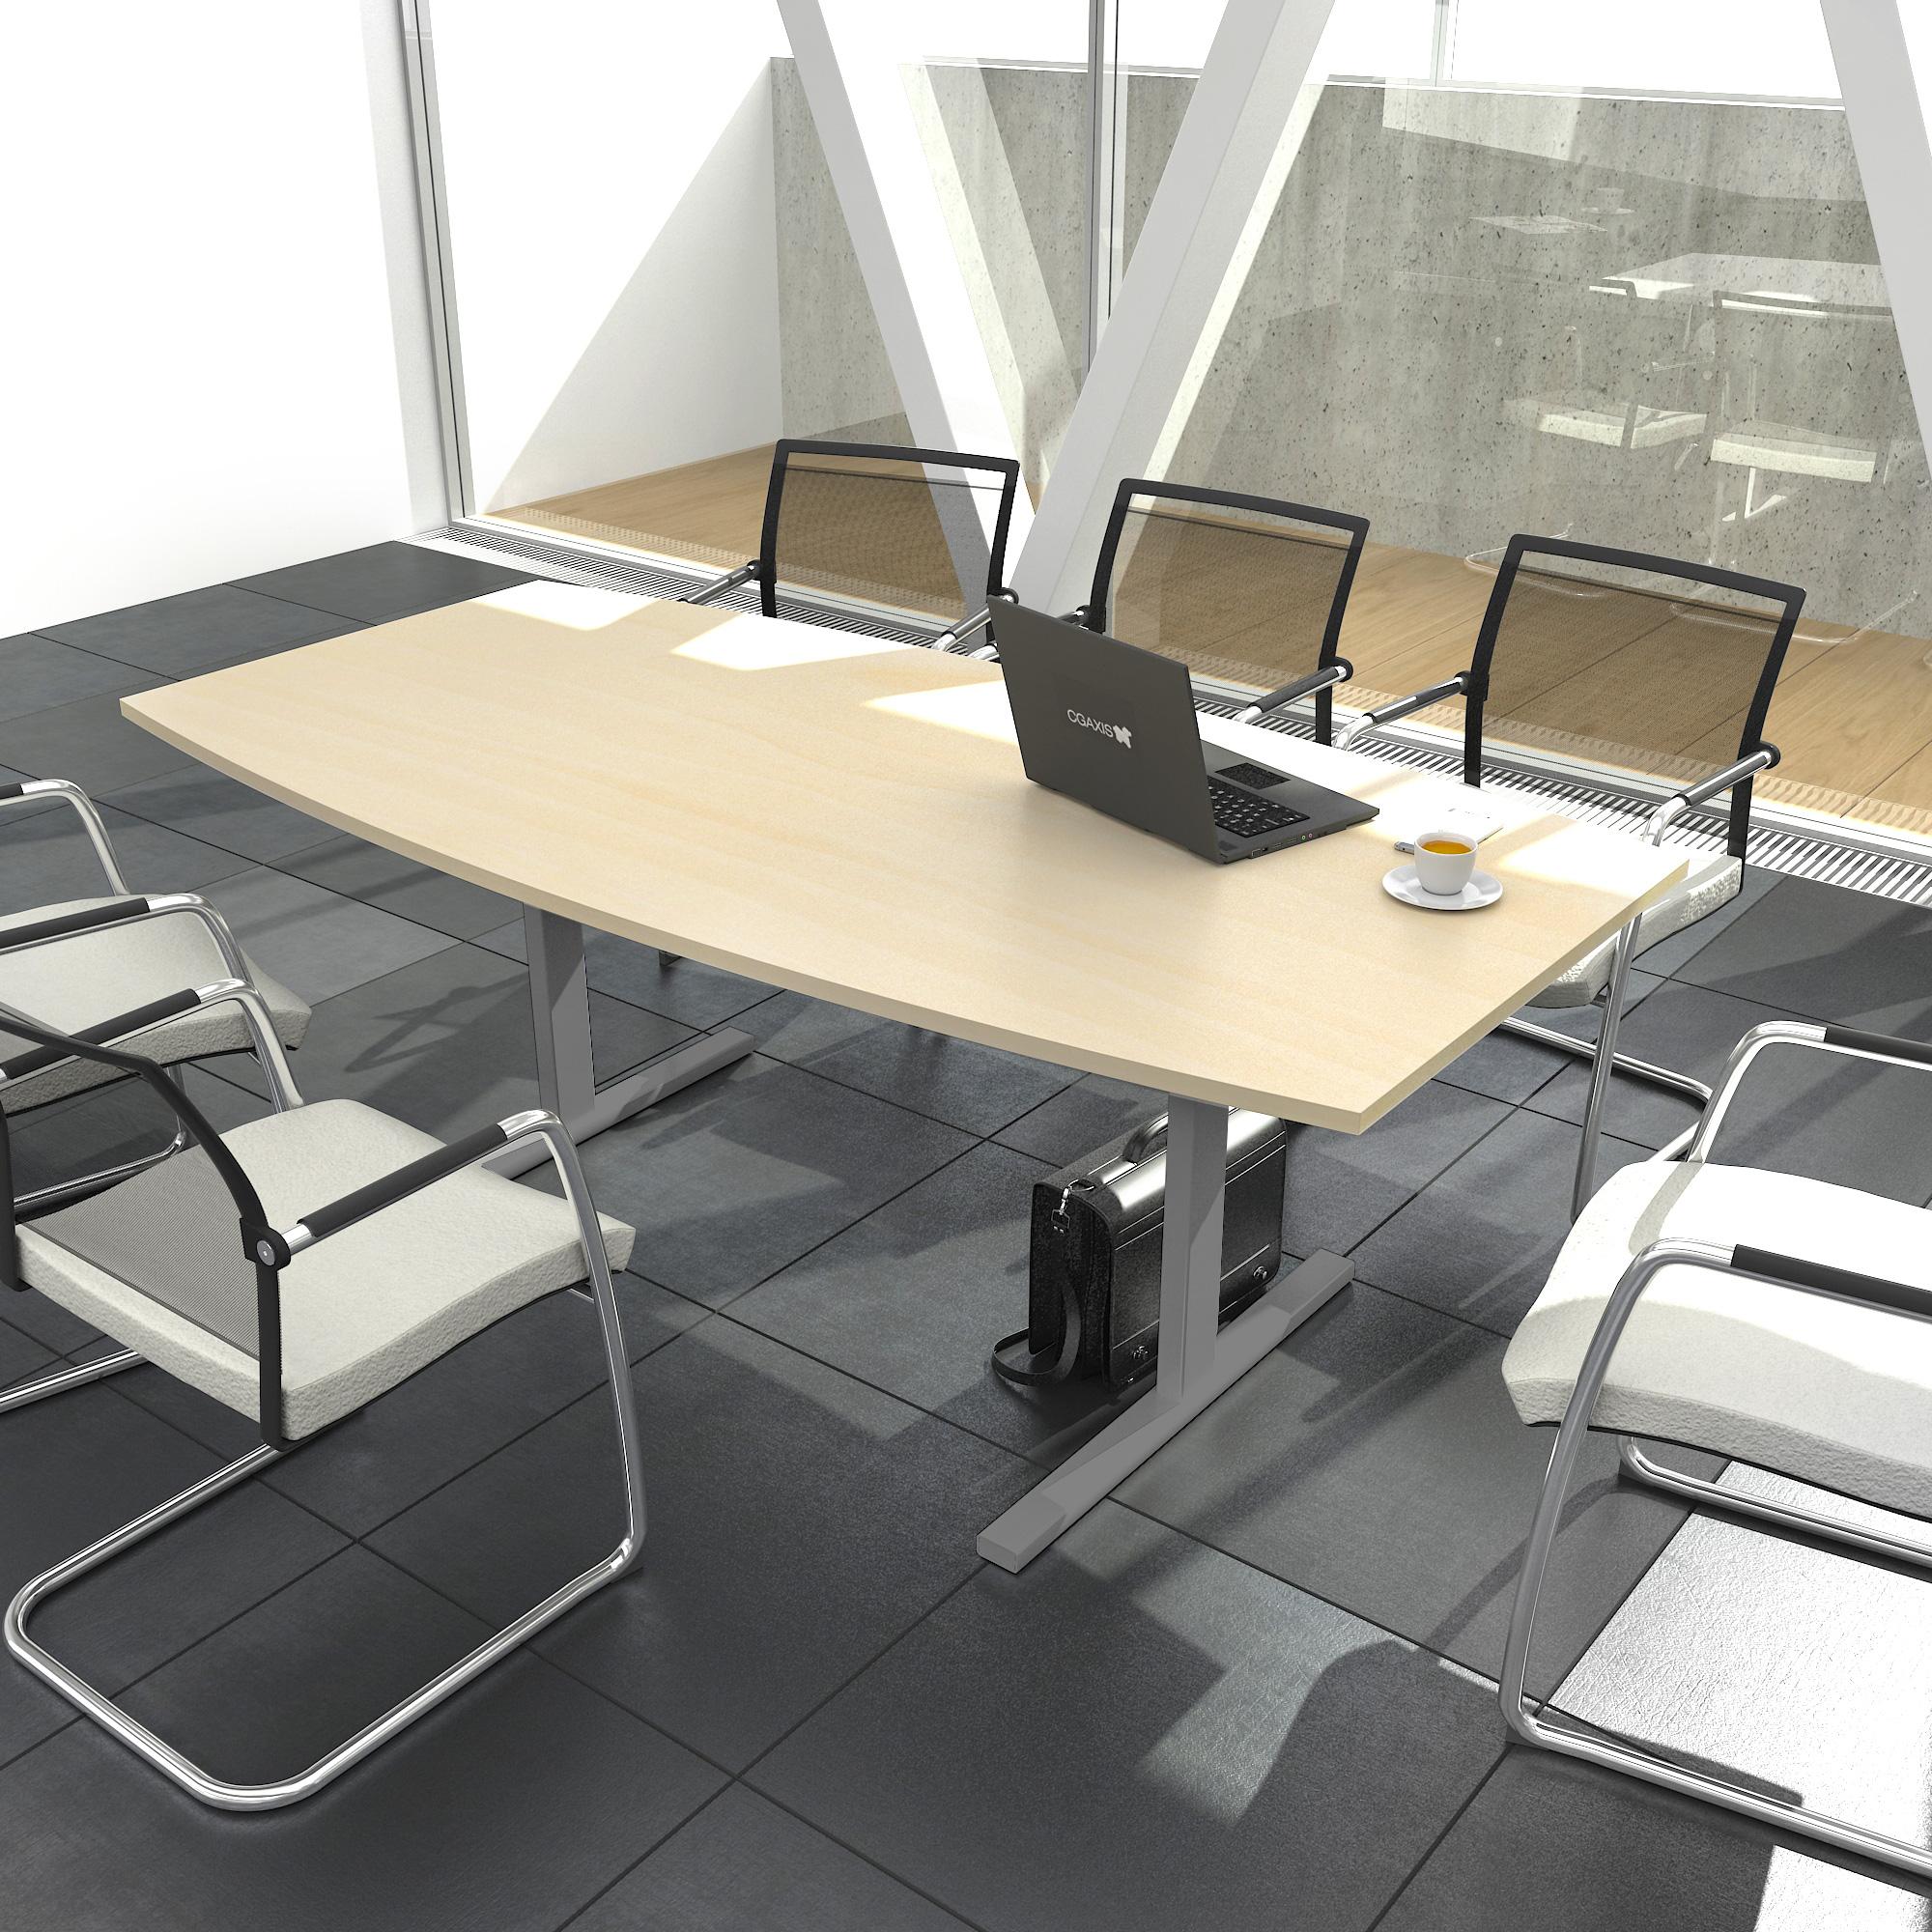 EASY Konferenztisch Bootsform 180x100 cm Ahorn Besprechungstisch Tisch